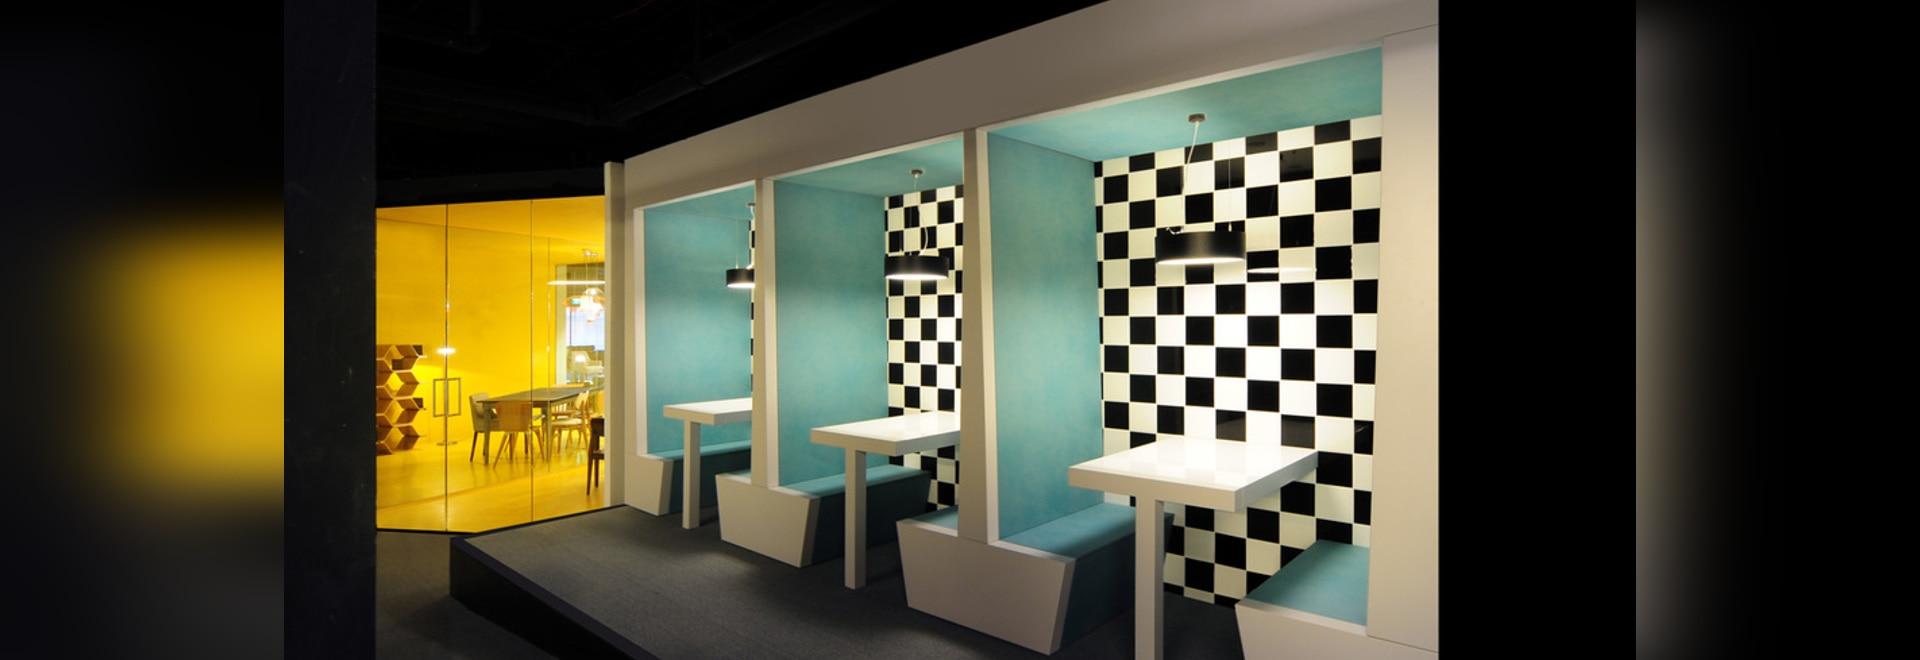 Bureau De Change Combina Los Muebles Con Las Proyecciones  # Muebles Digitales